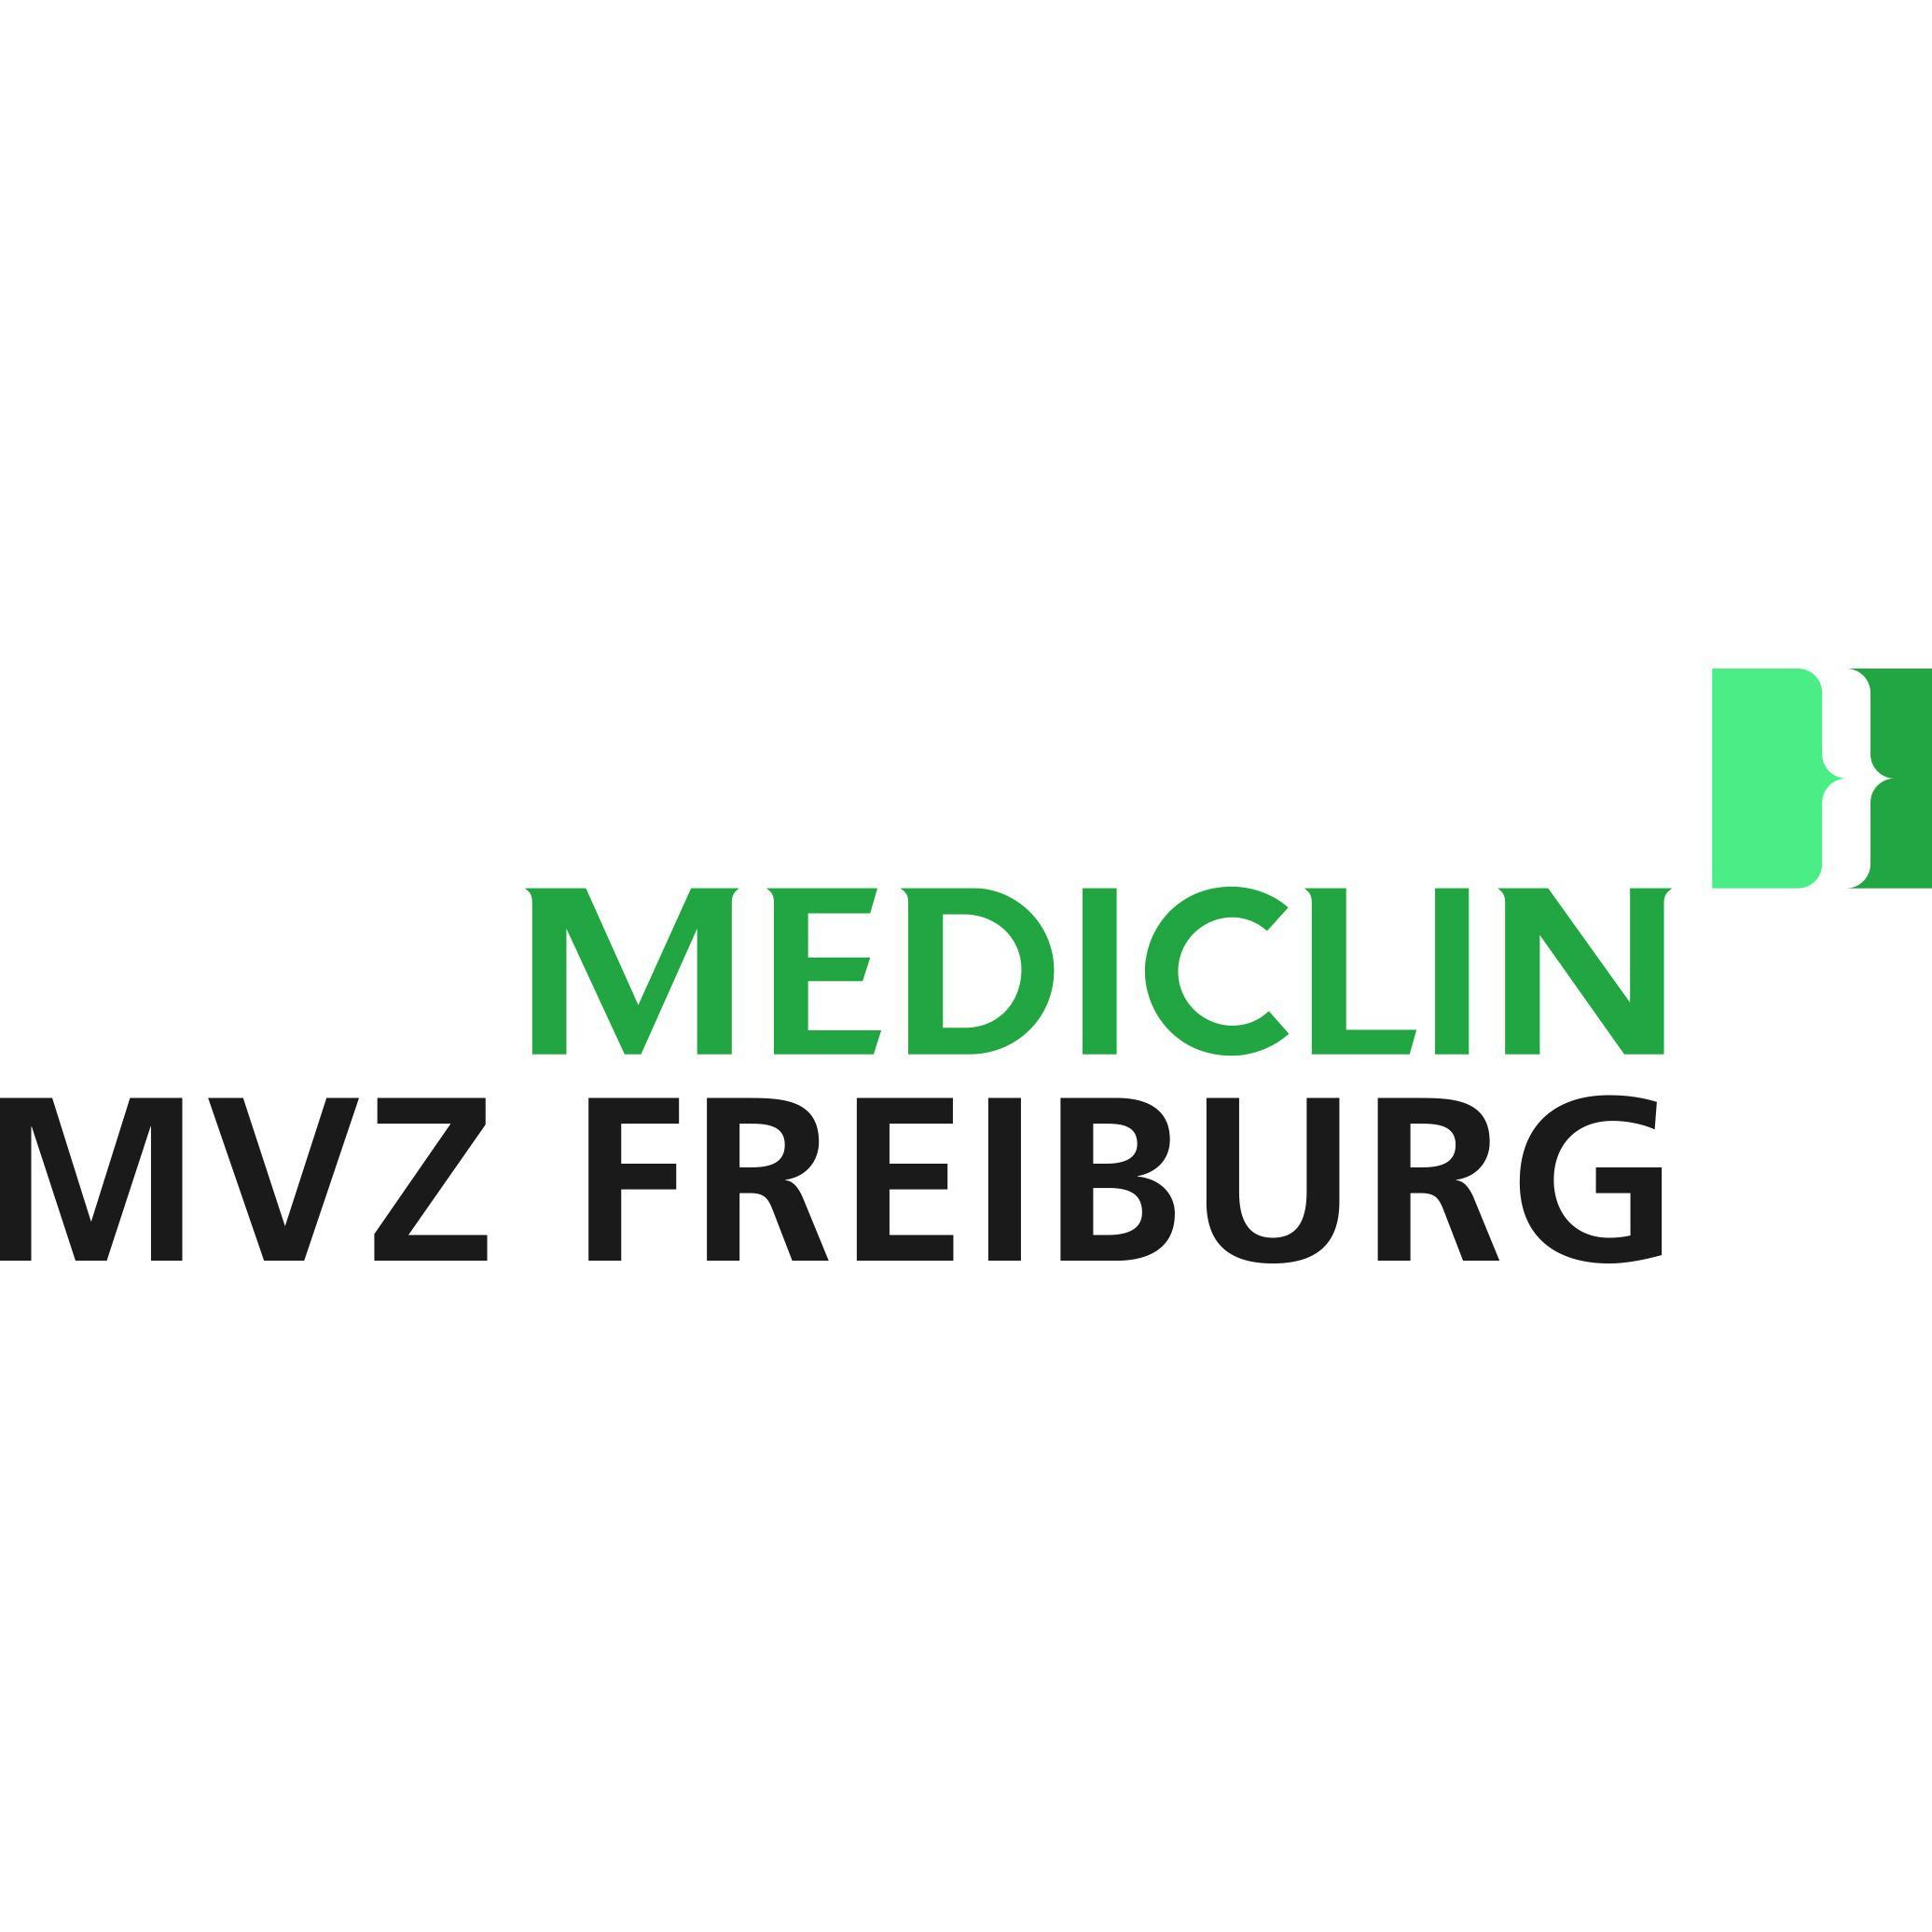 Logo von MEDICLIN MVZ Freiburg